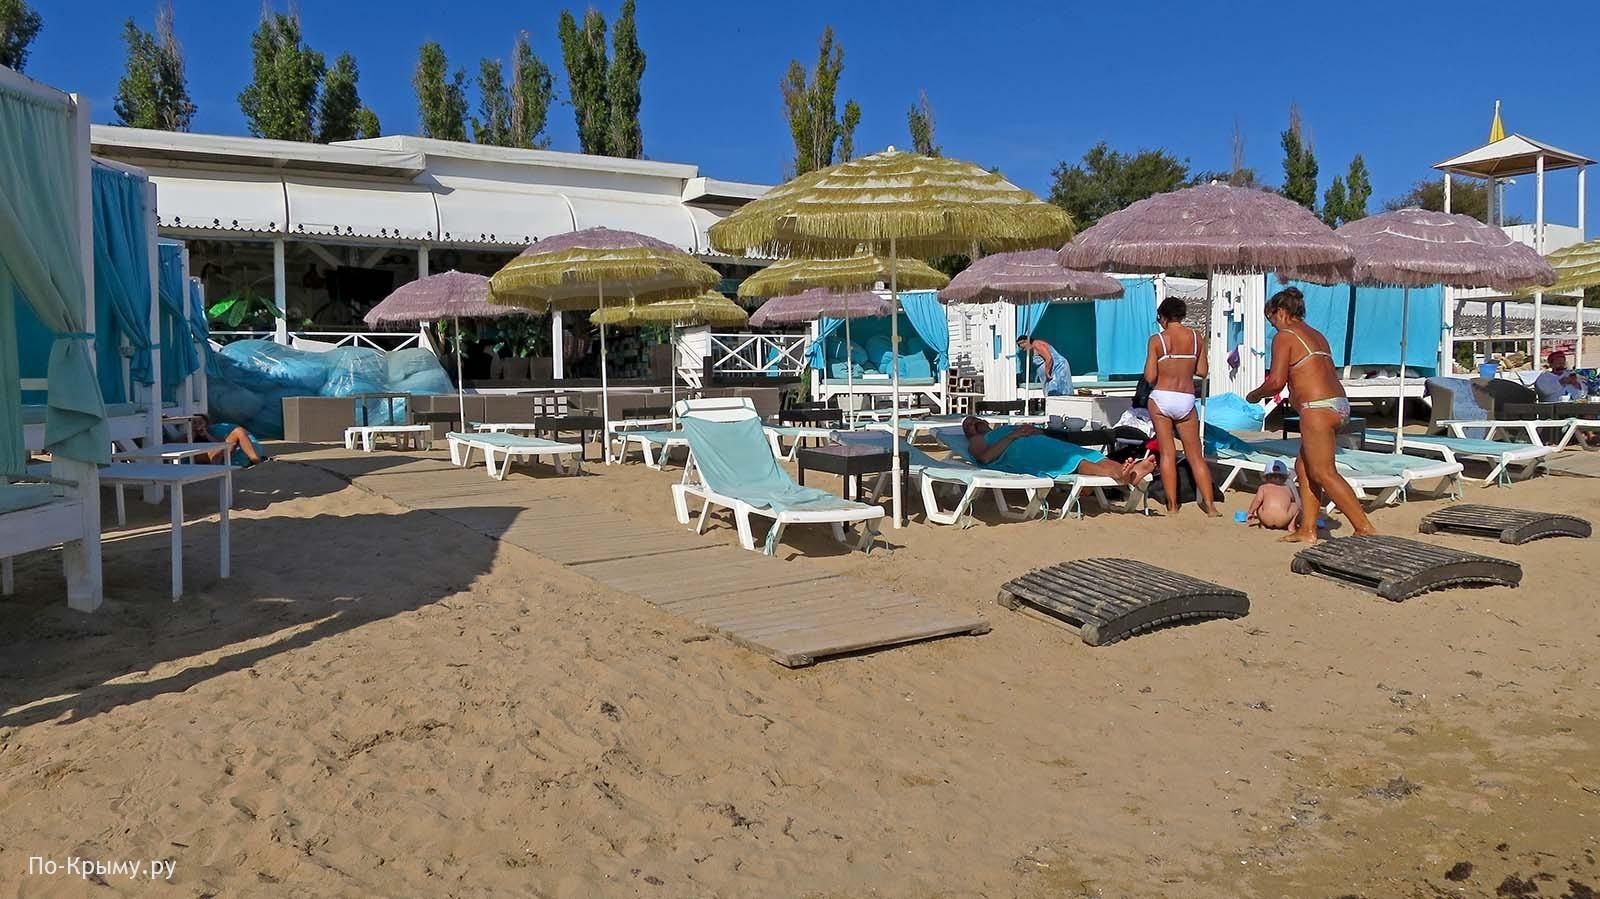 Пляж «Горький» в Евпатории, Крым